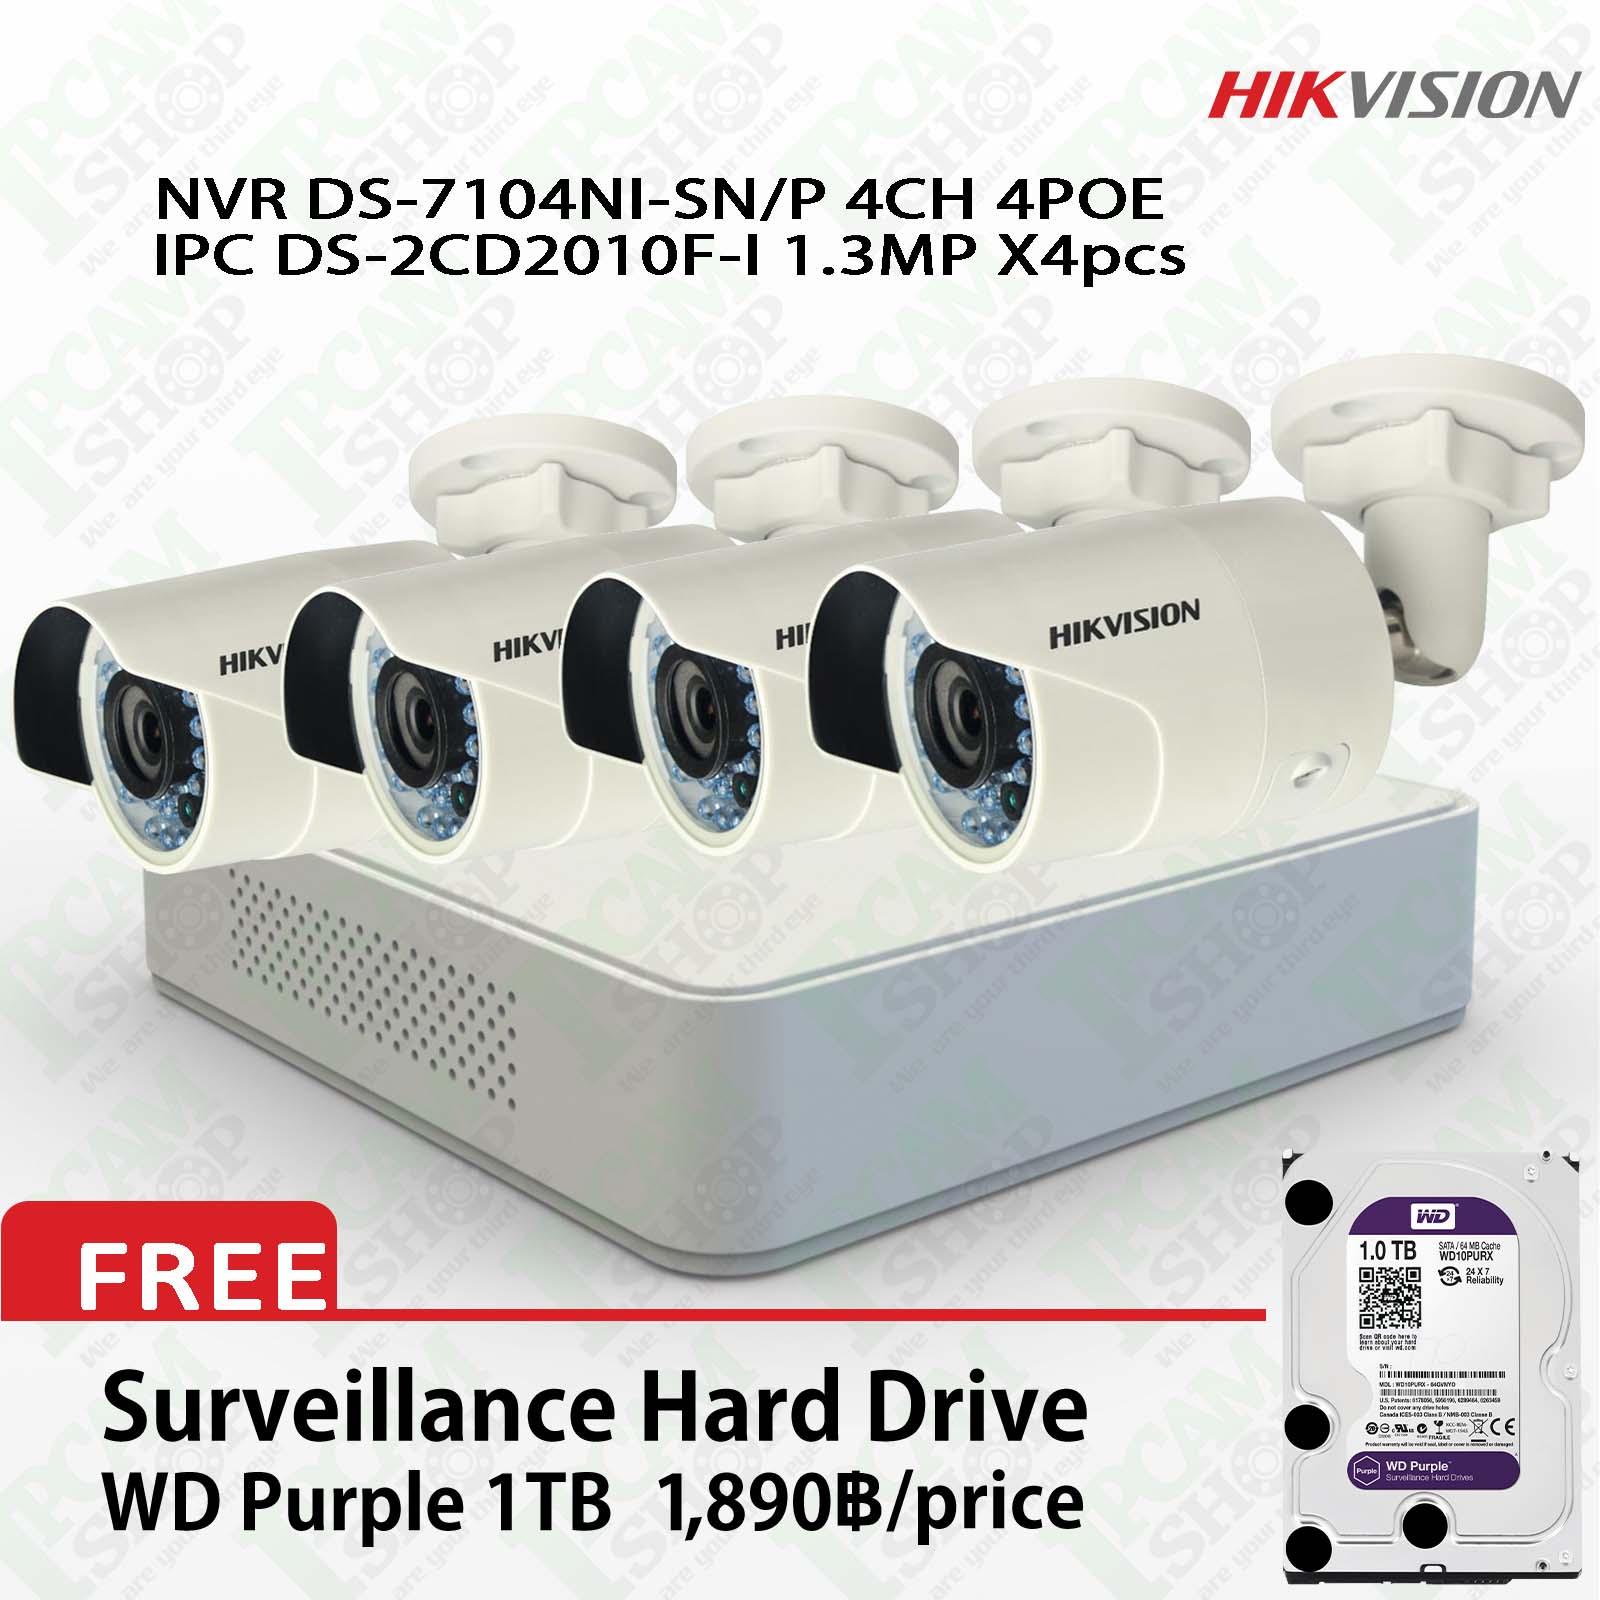 Hikvision POE Kit DS-7104NI-SN/P, DS-2CD2010F-Ix4